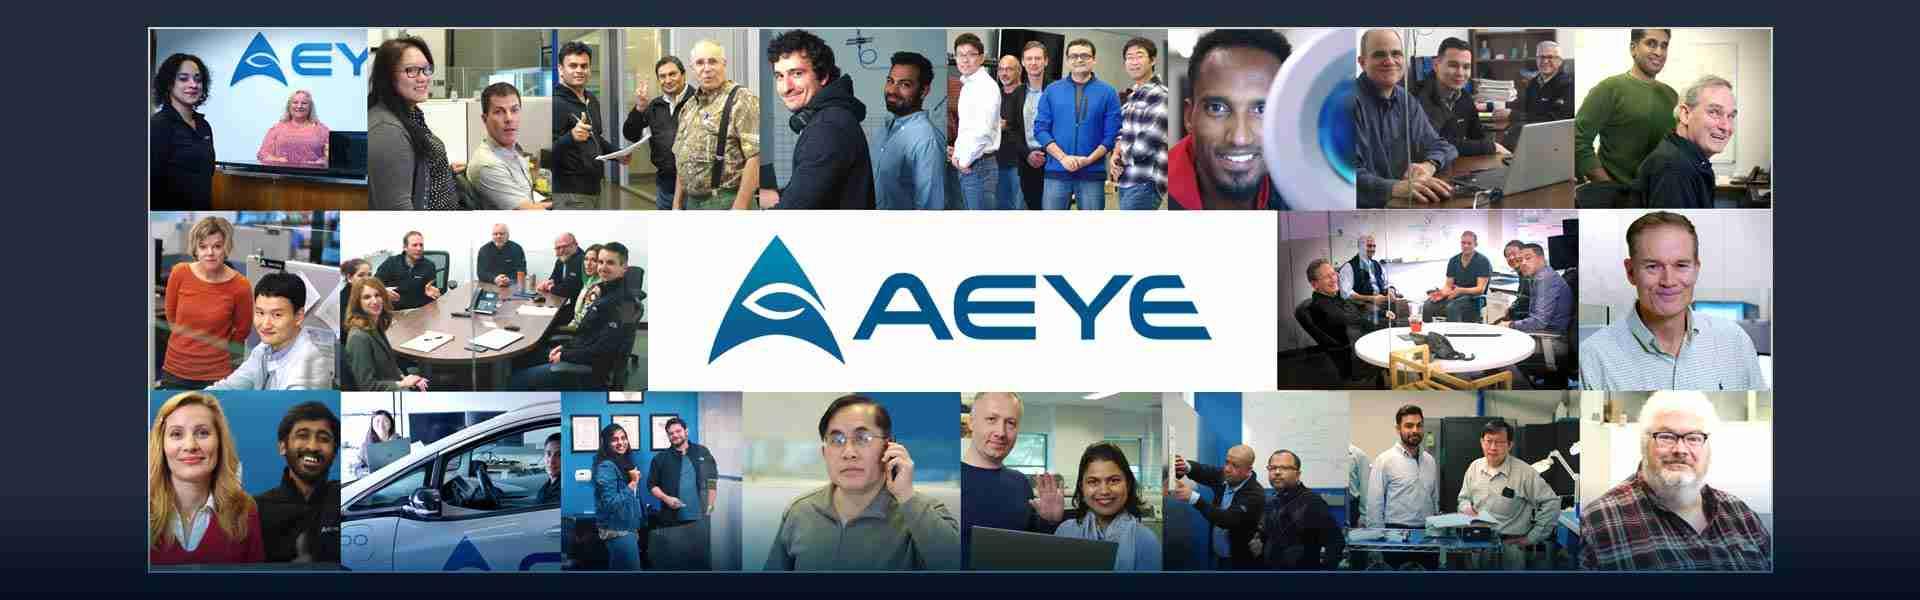 AEye Team